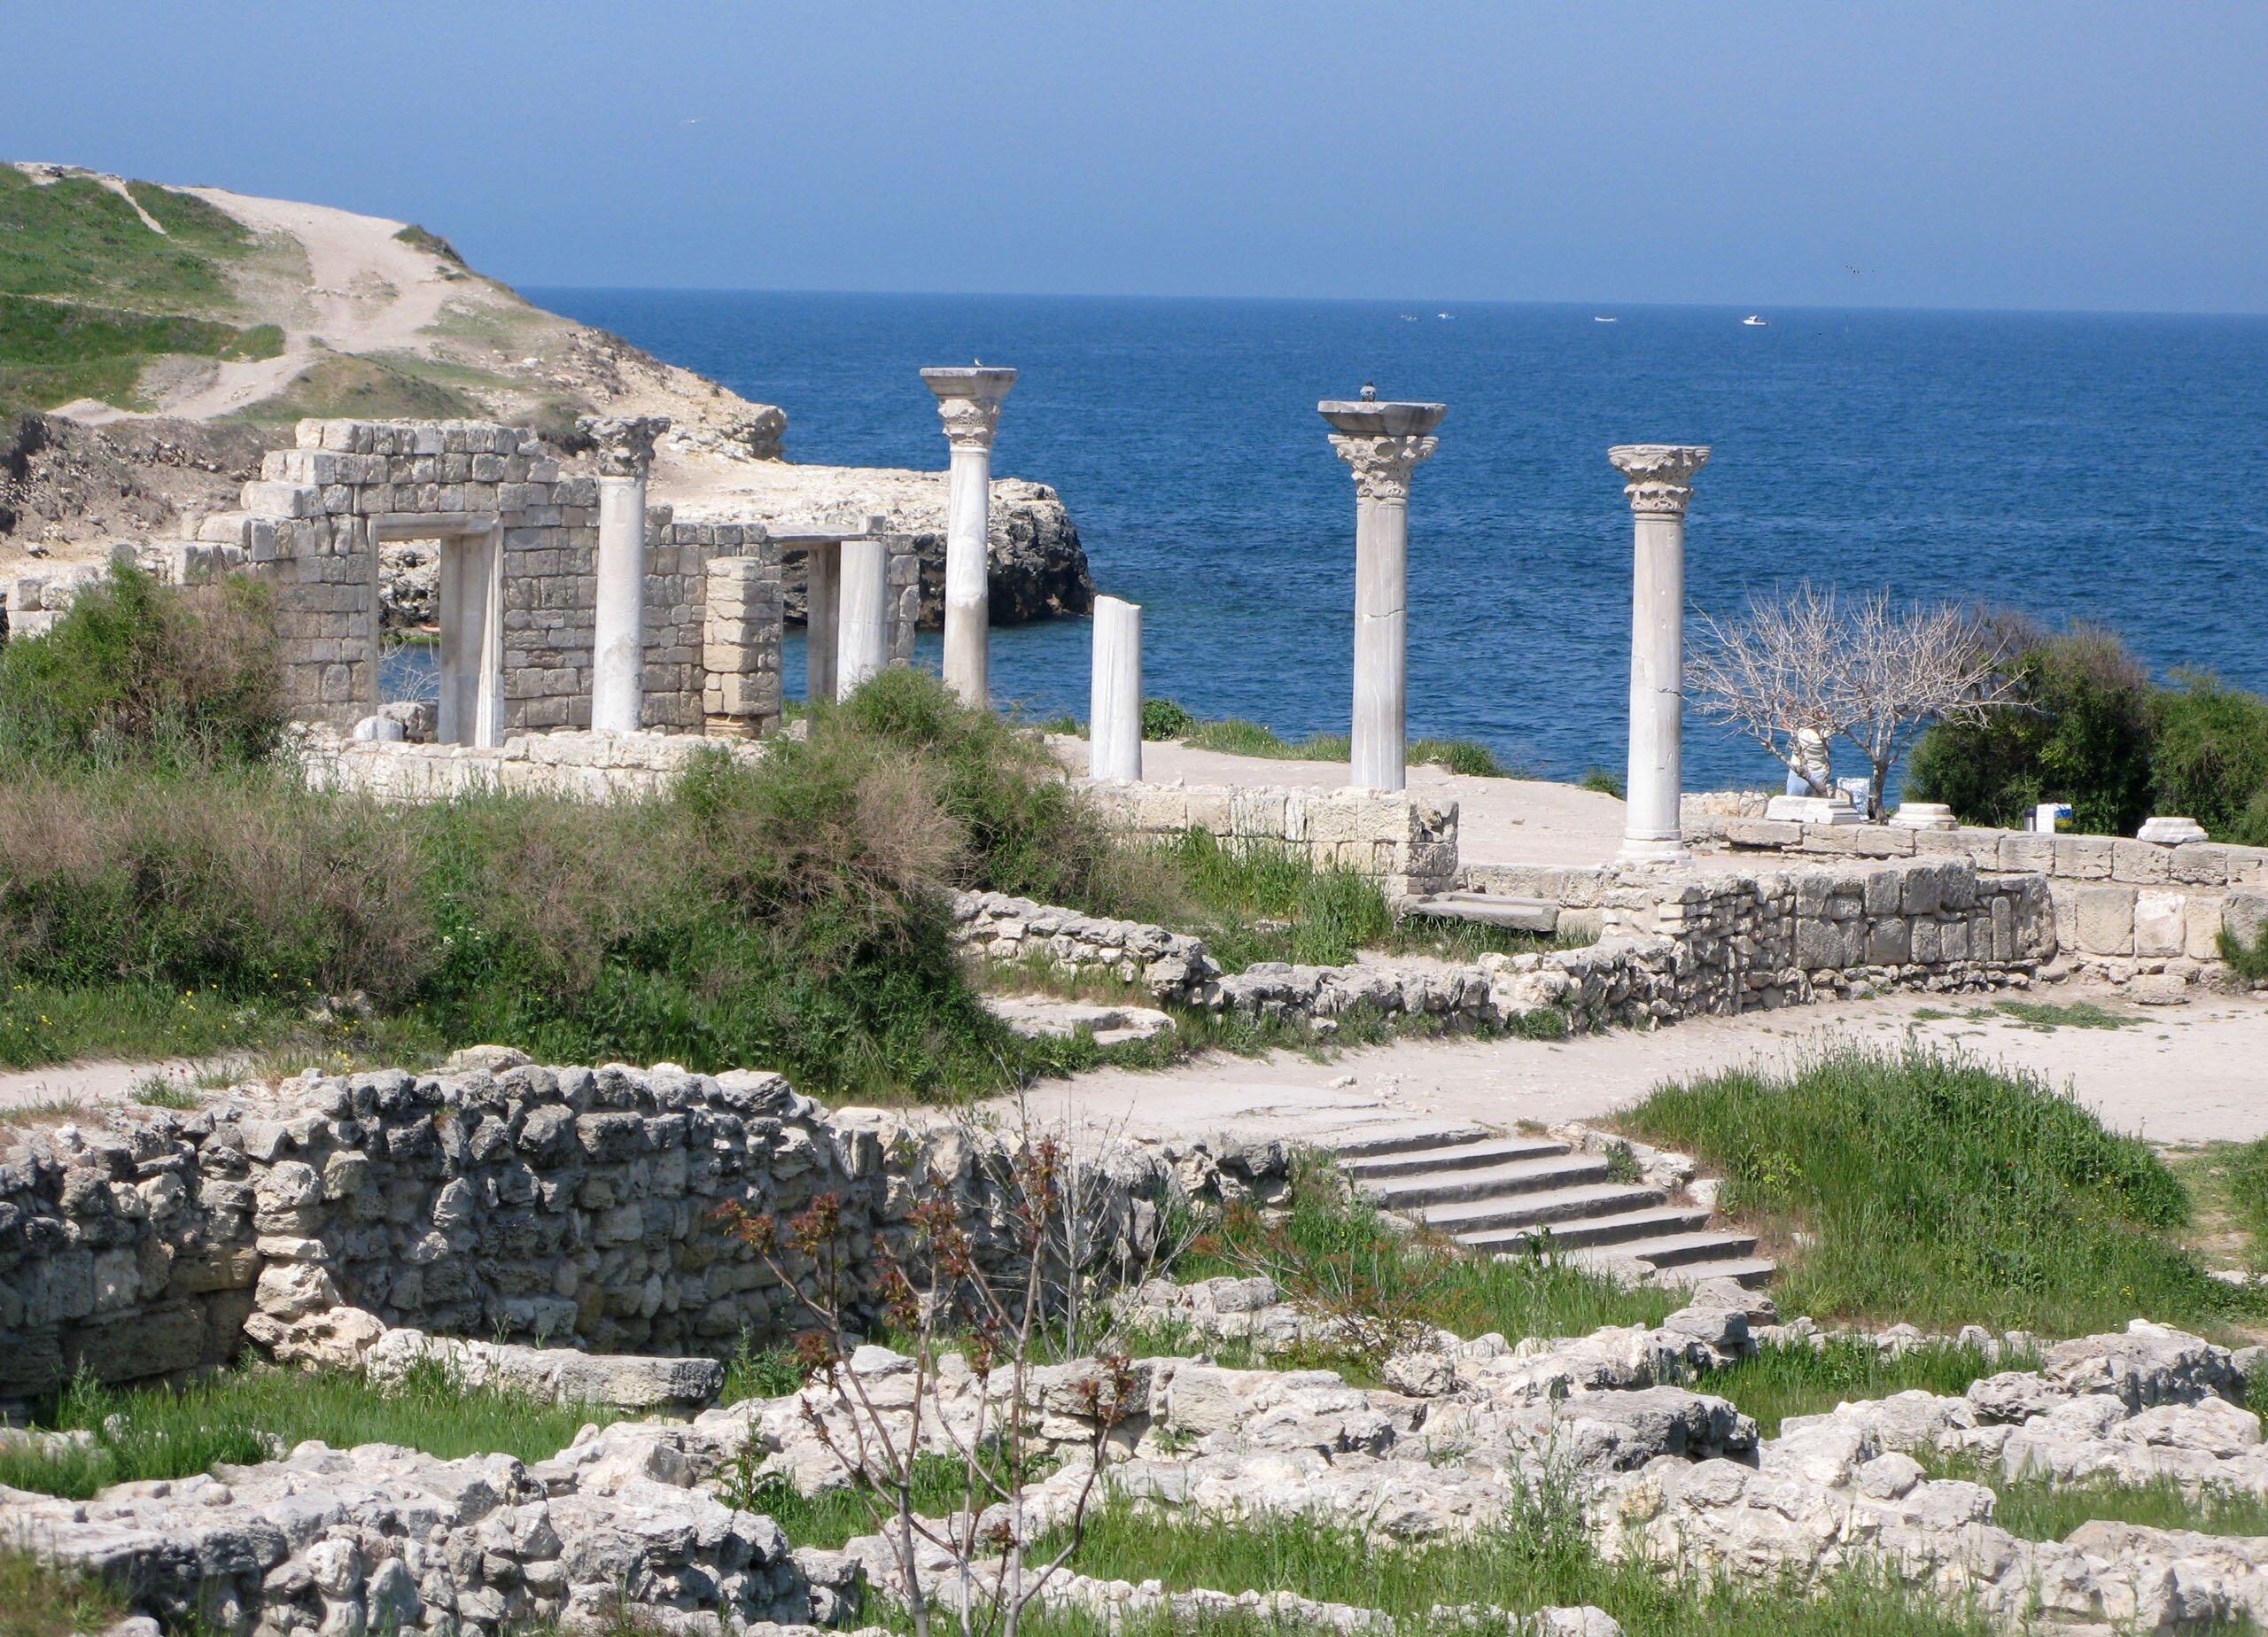 Севастополь. Территория древнего Херсонеса